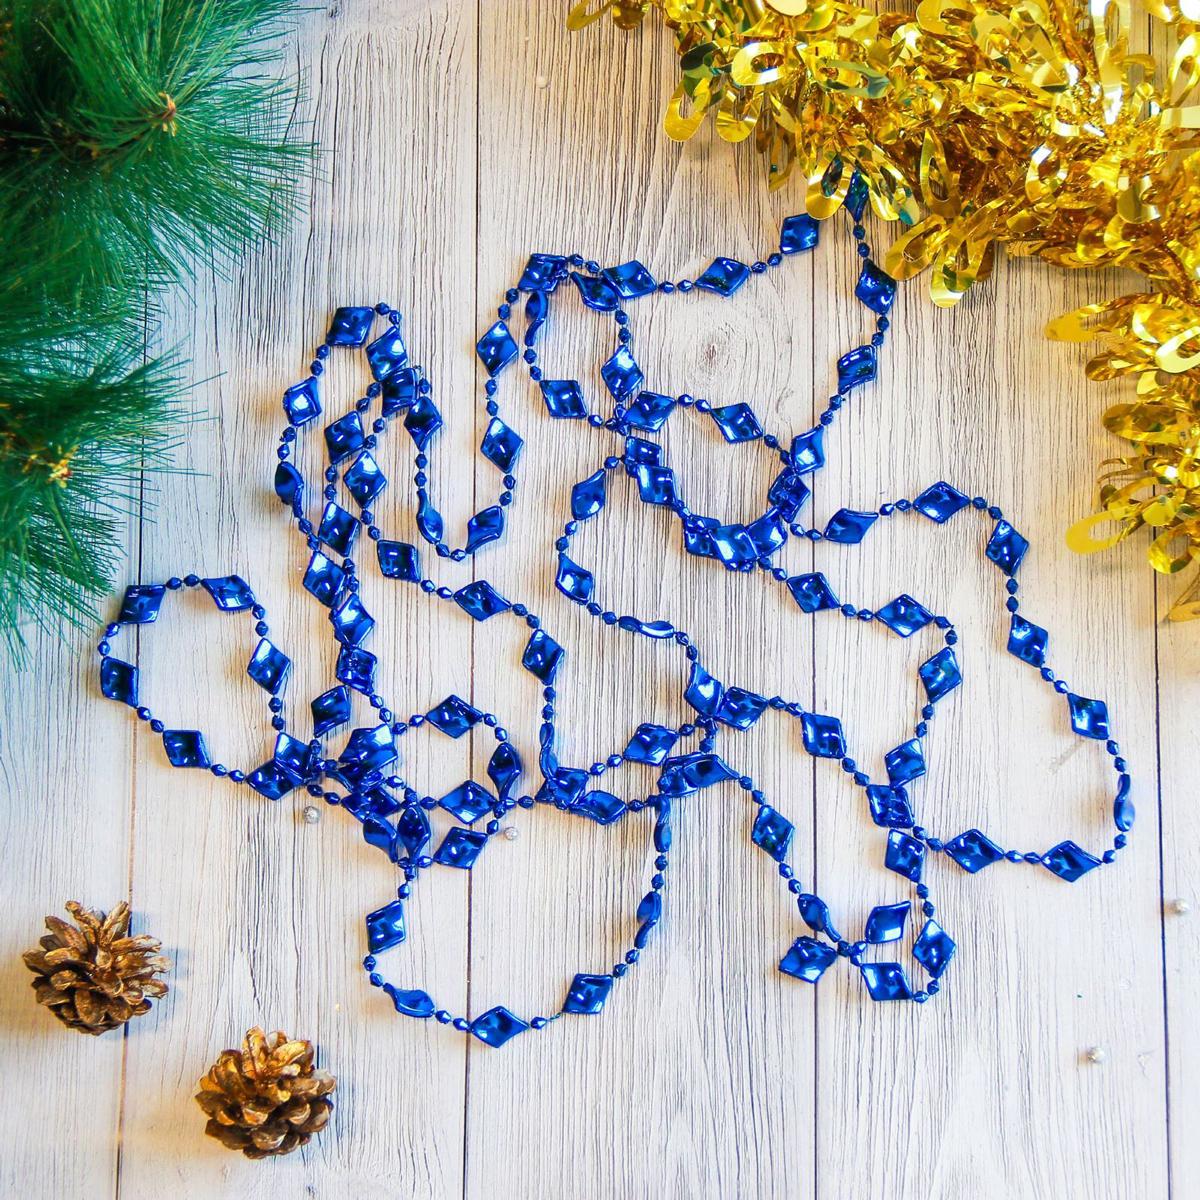 Бусы на елку NoName Ромбики, цвет: синий, длина 2,7 м2371392Невозможно представить нашу жизнь без праздников! Мы всегда ждем их и предвкушаем, обдумываем, как проведем памятный день, тщательно выбираем подарки и аксессуары, ведь именно они создают и поддерживают торжественный настрой. Это отличный выбор, который привнесет атмосферу праздника в ваш дом!